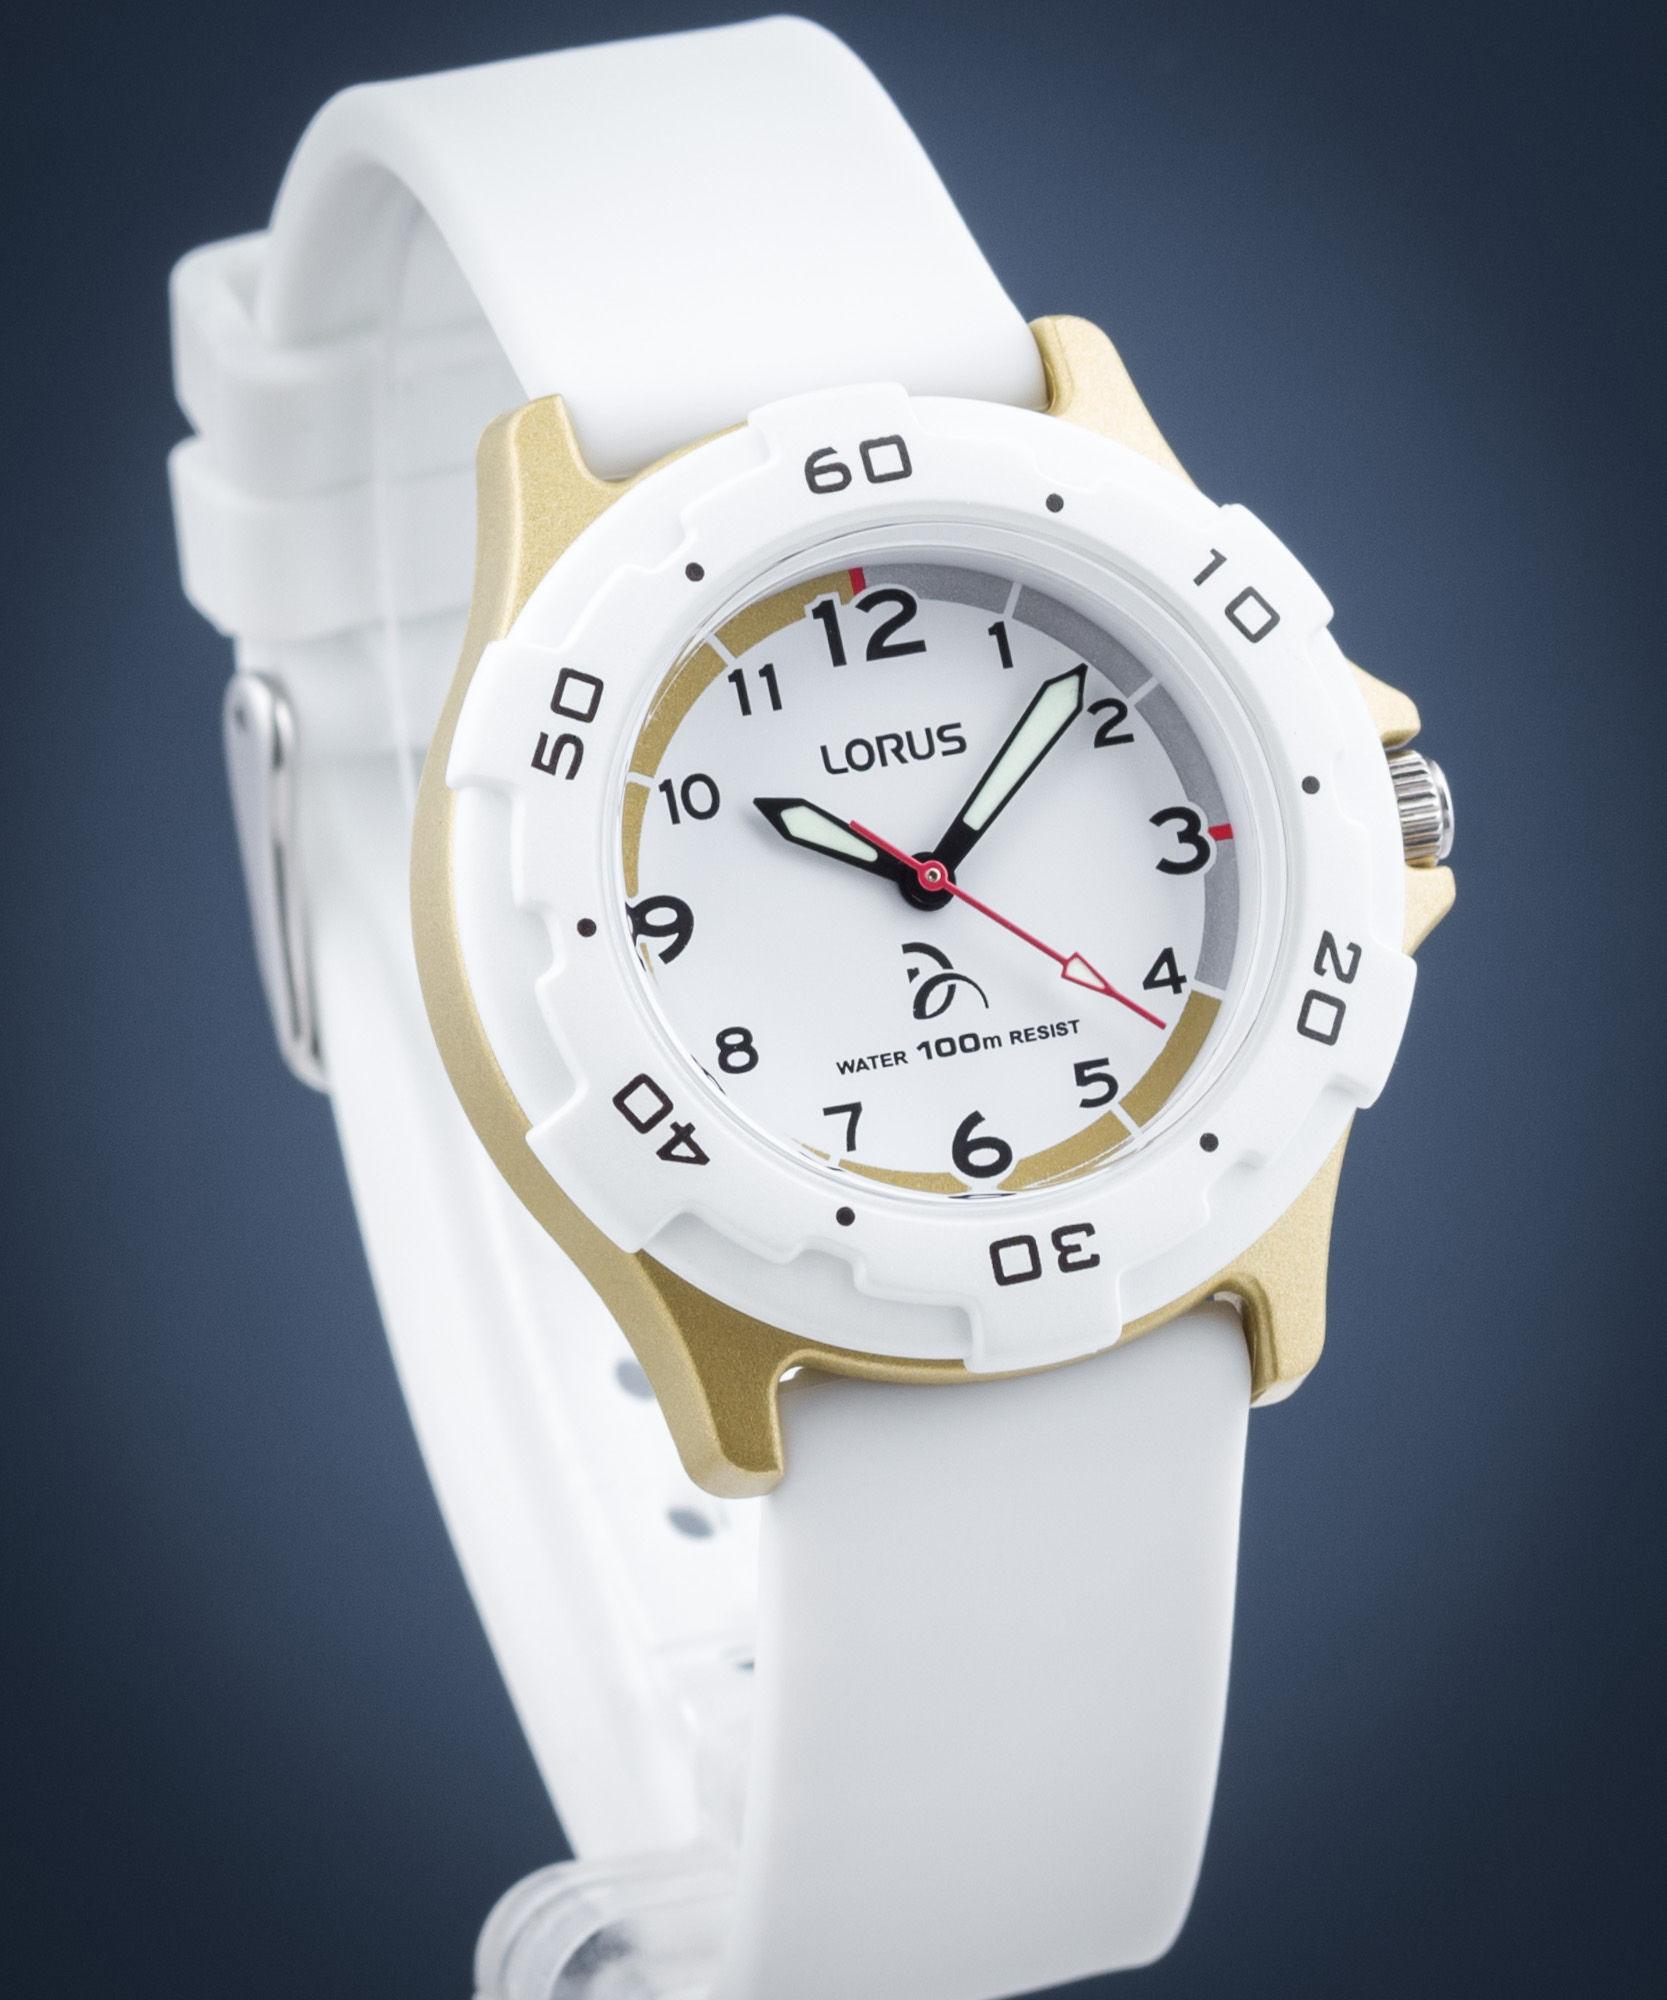 Zegarek dziecięcy Lorus N.D. Foundation